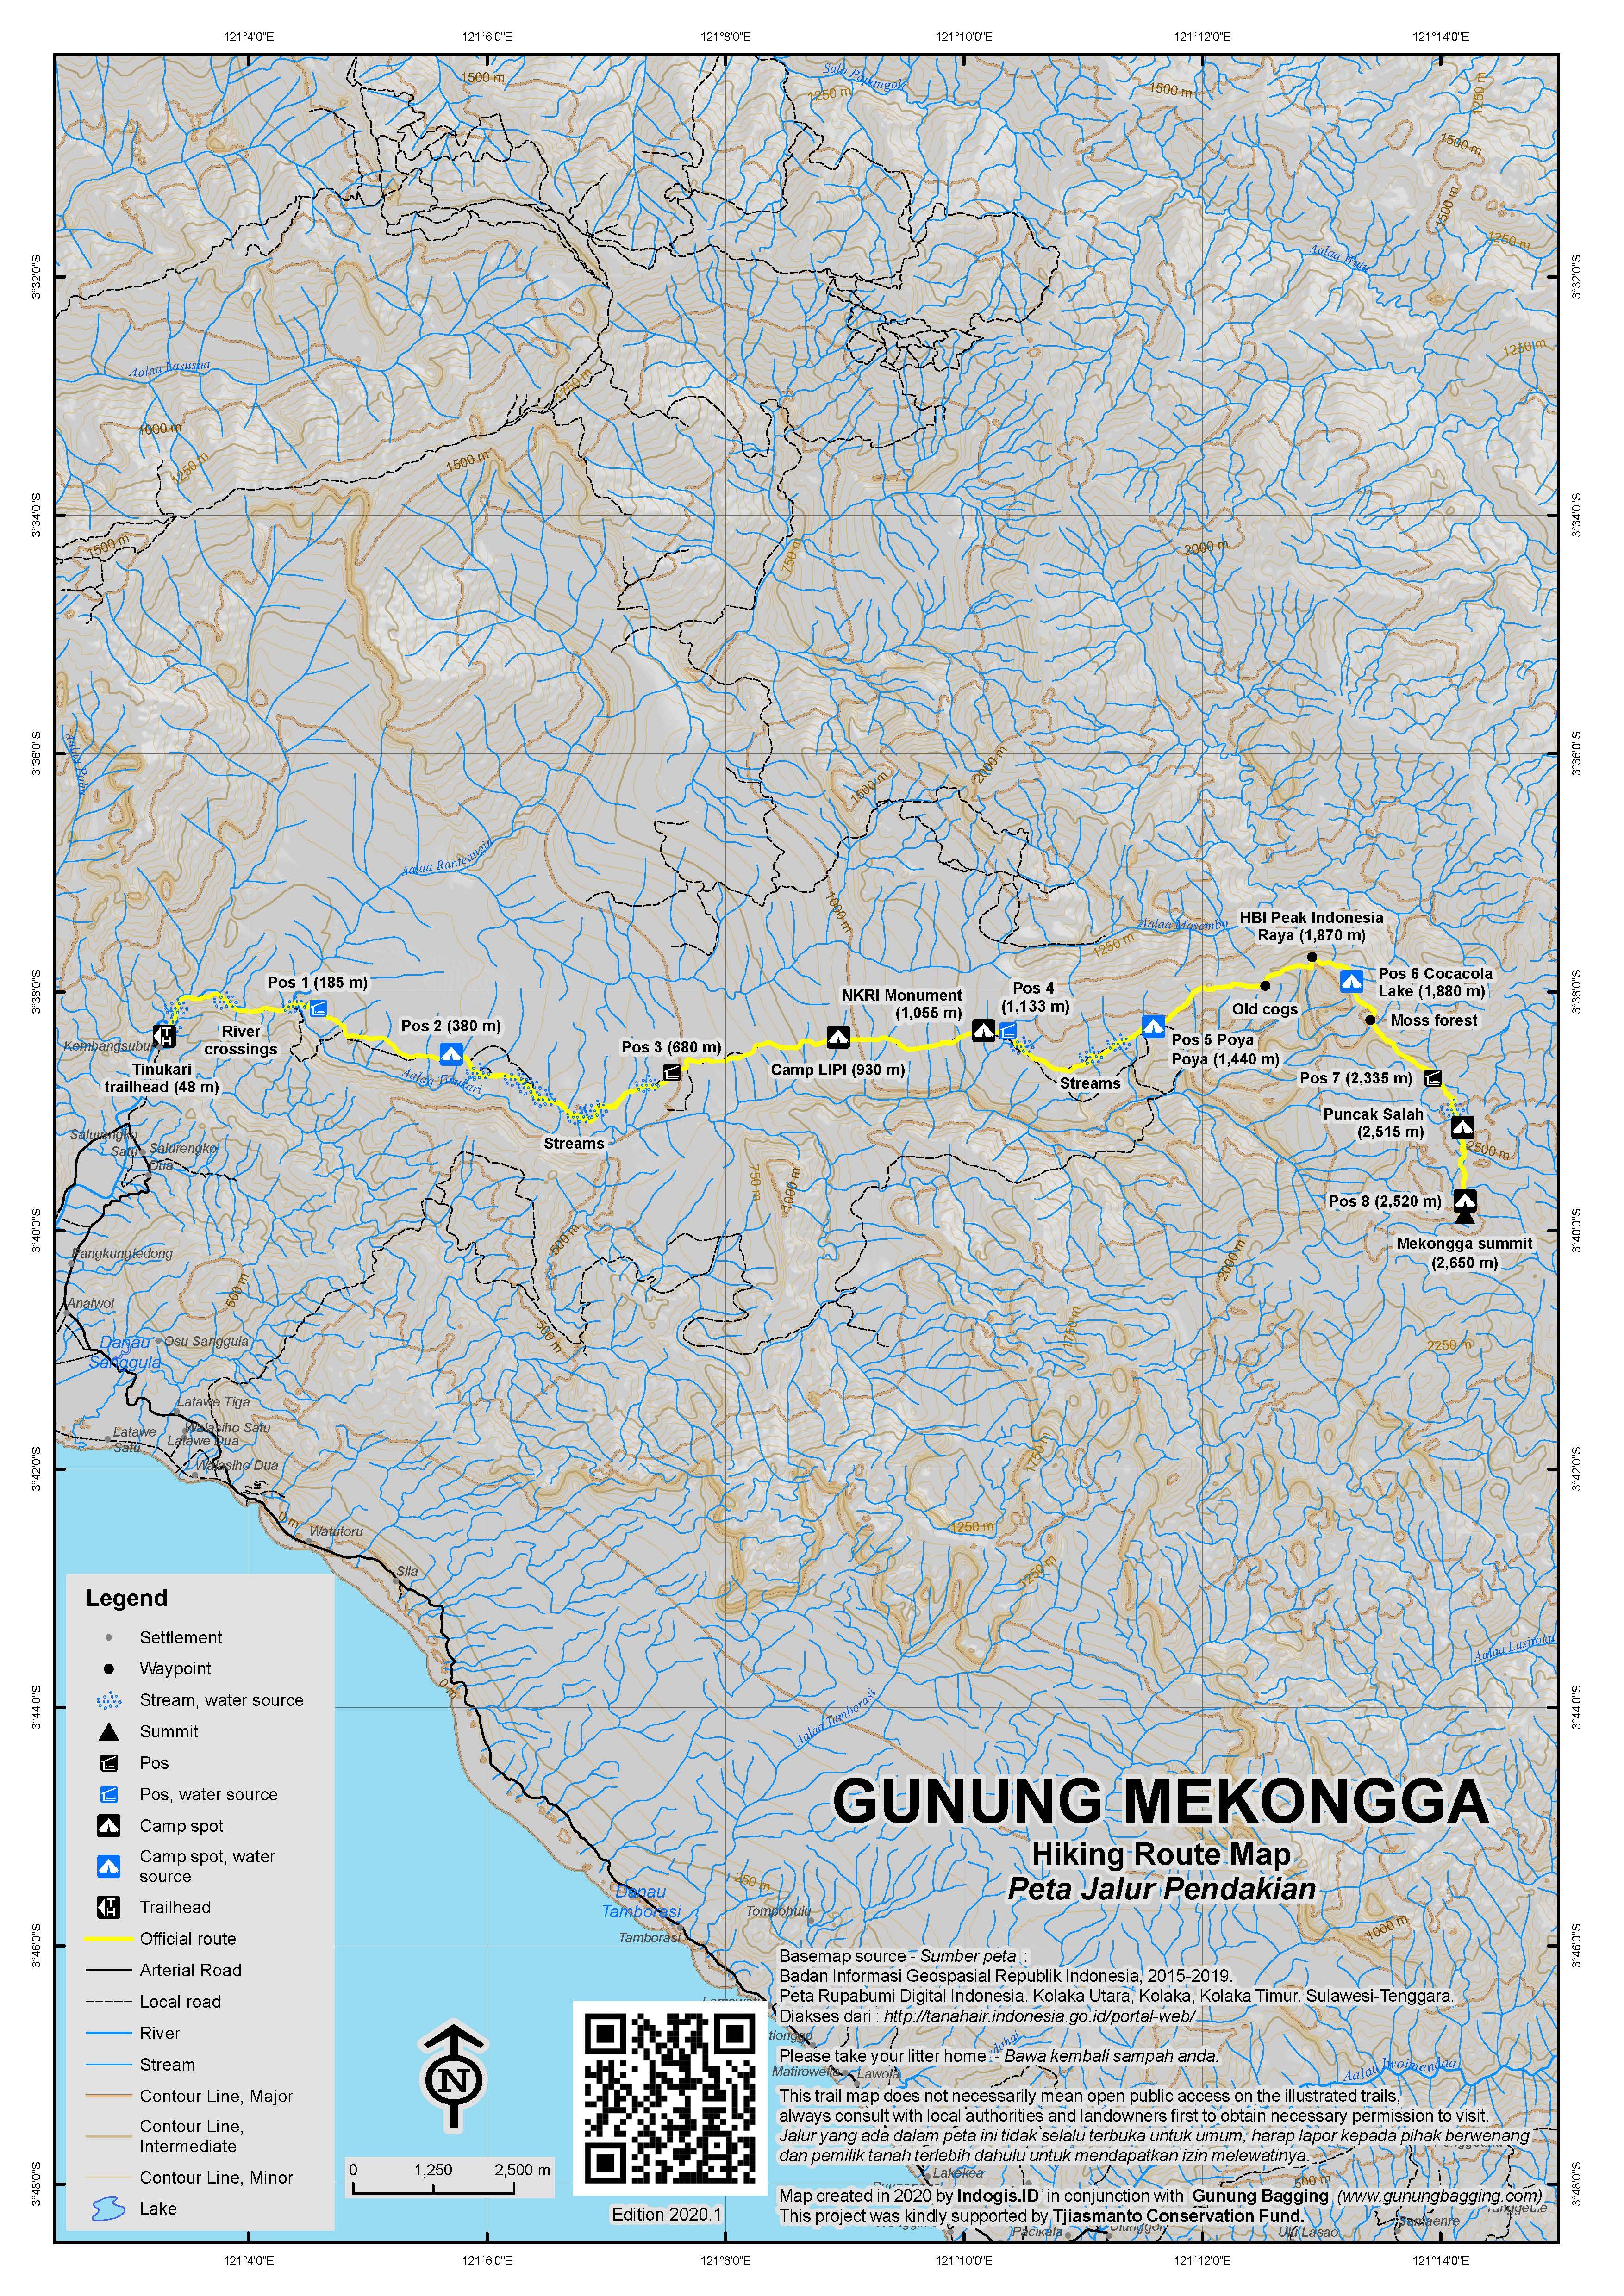 Peta Jalur Pendakian Gunung Mekongga